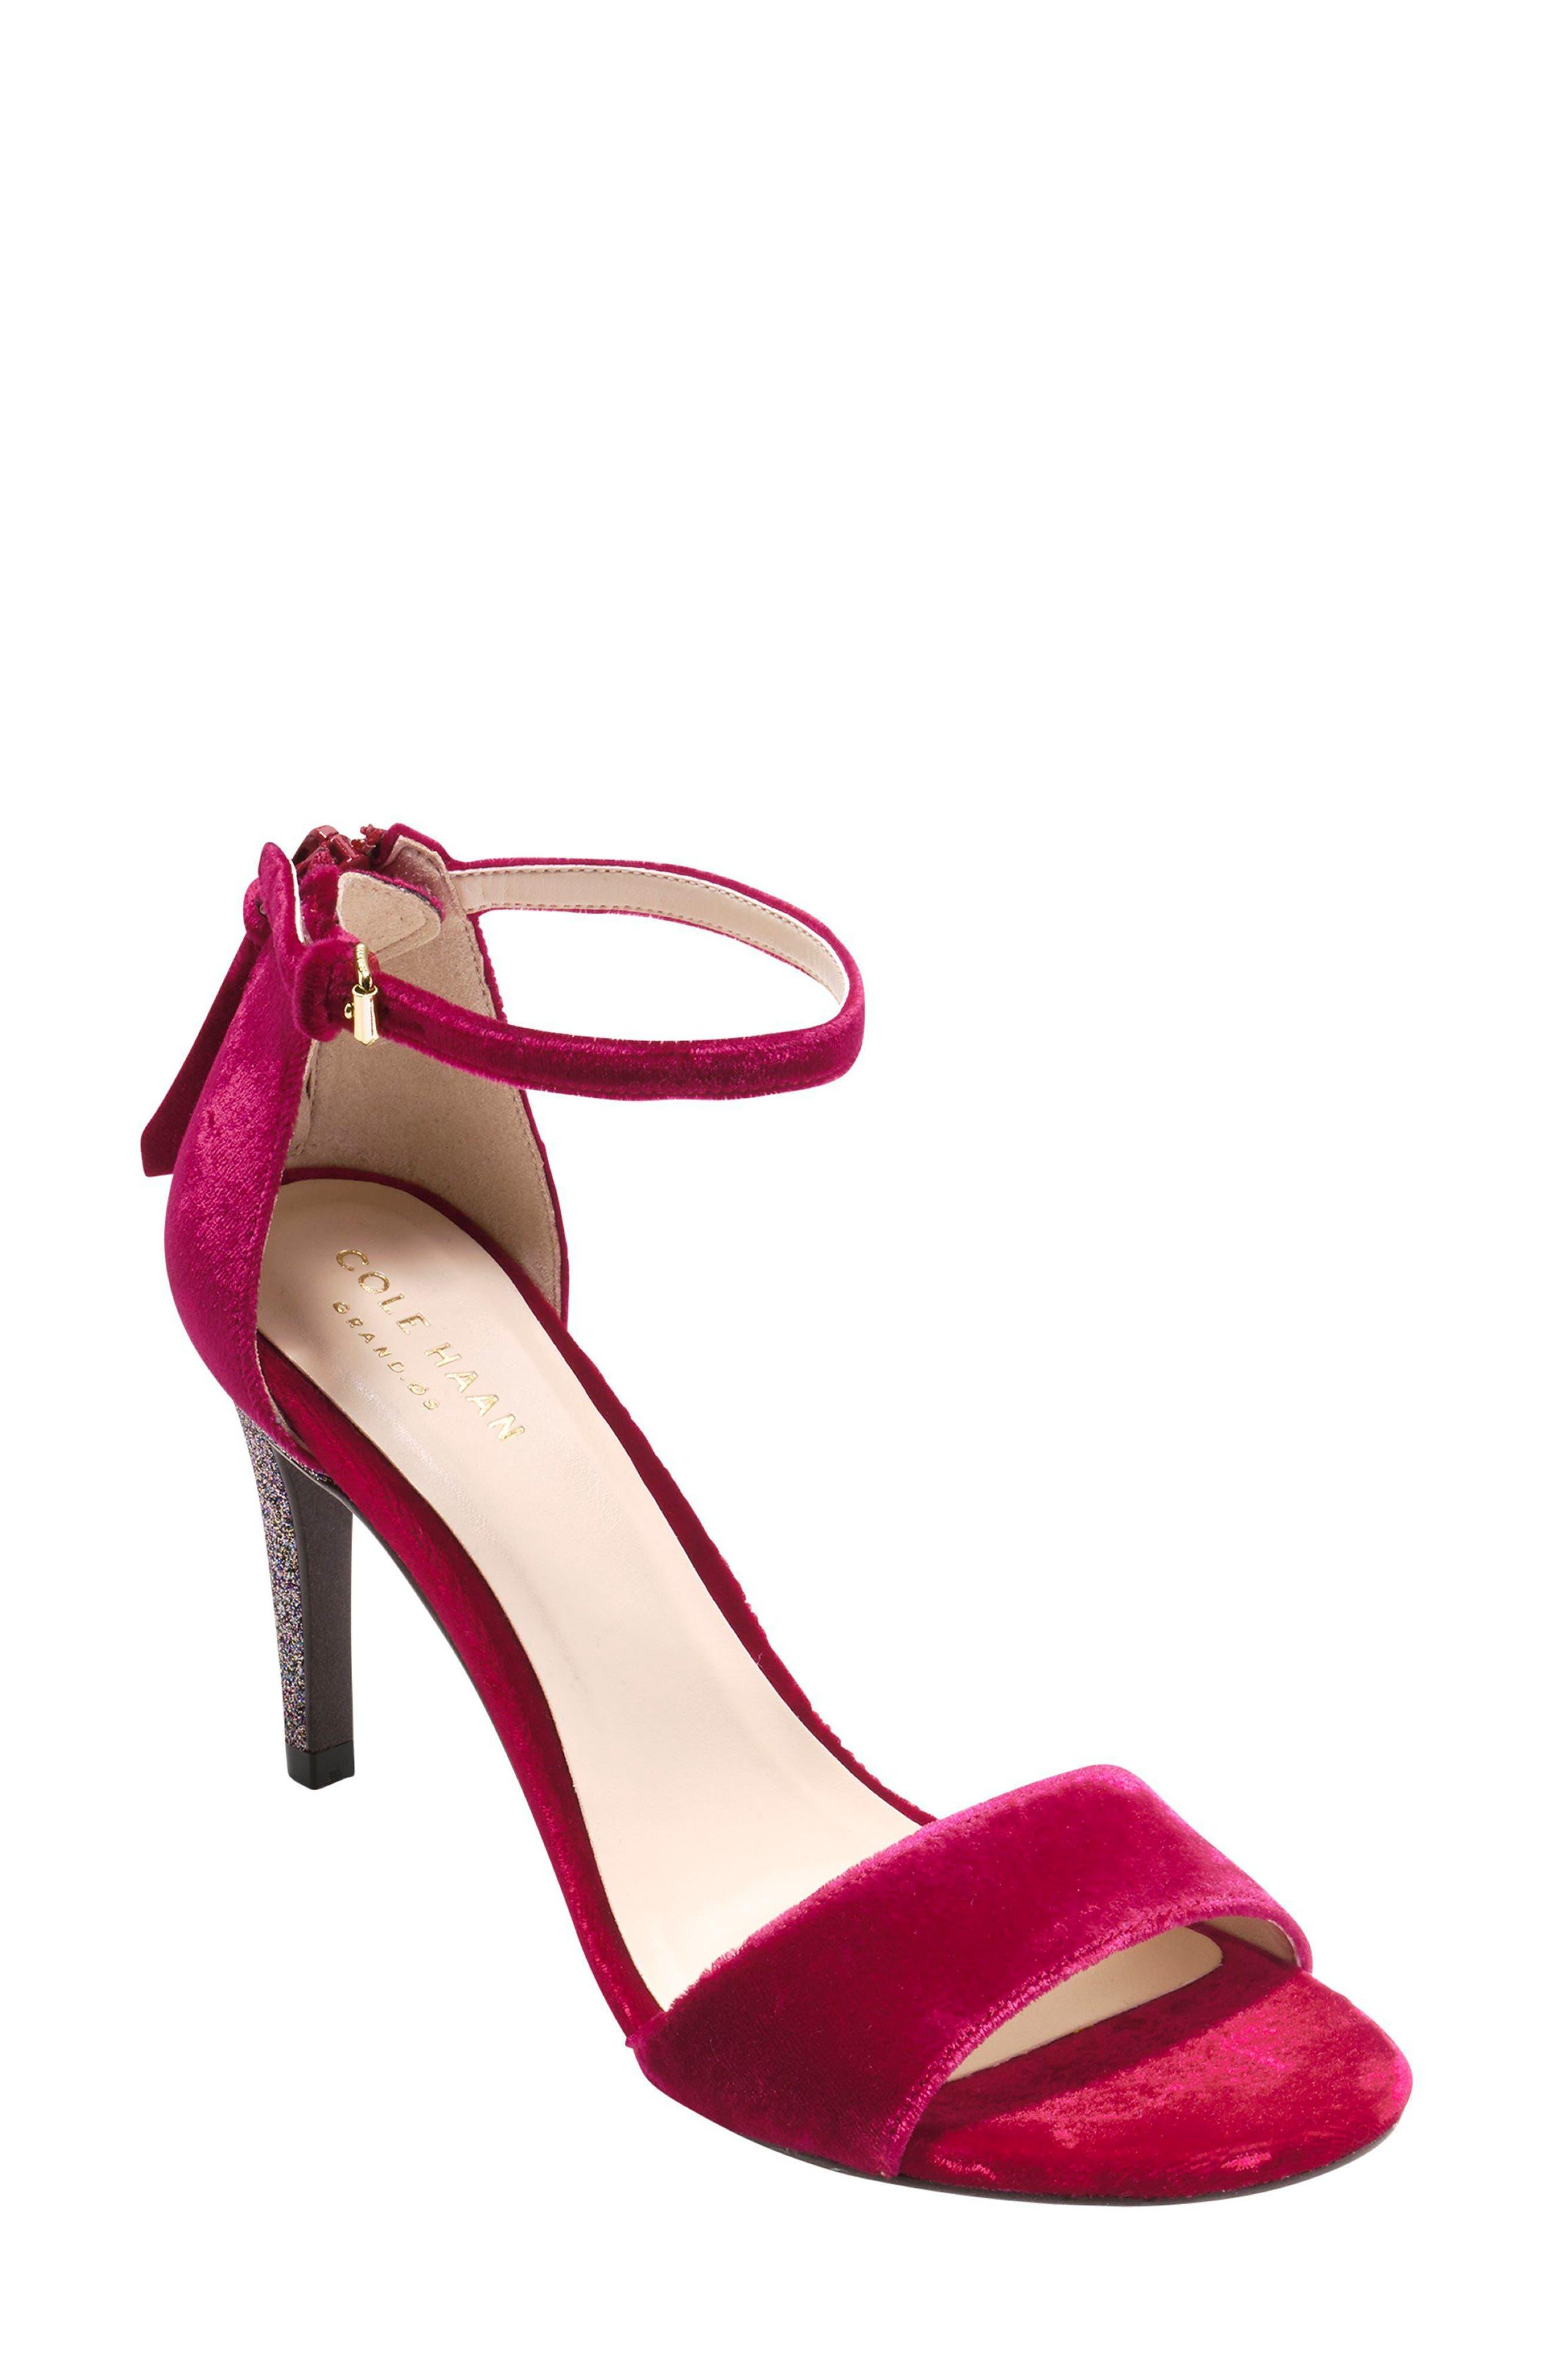 Clara Grand Ankle Strap Sandal,                             Main thumbnail 1, color,                             Red Velvet